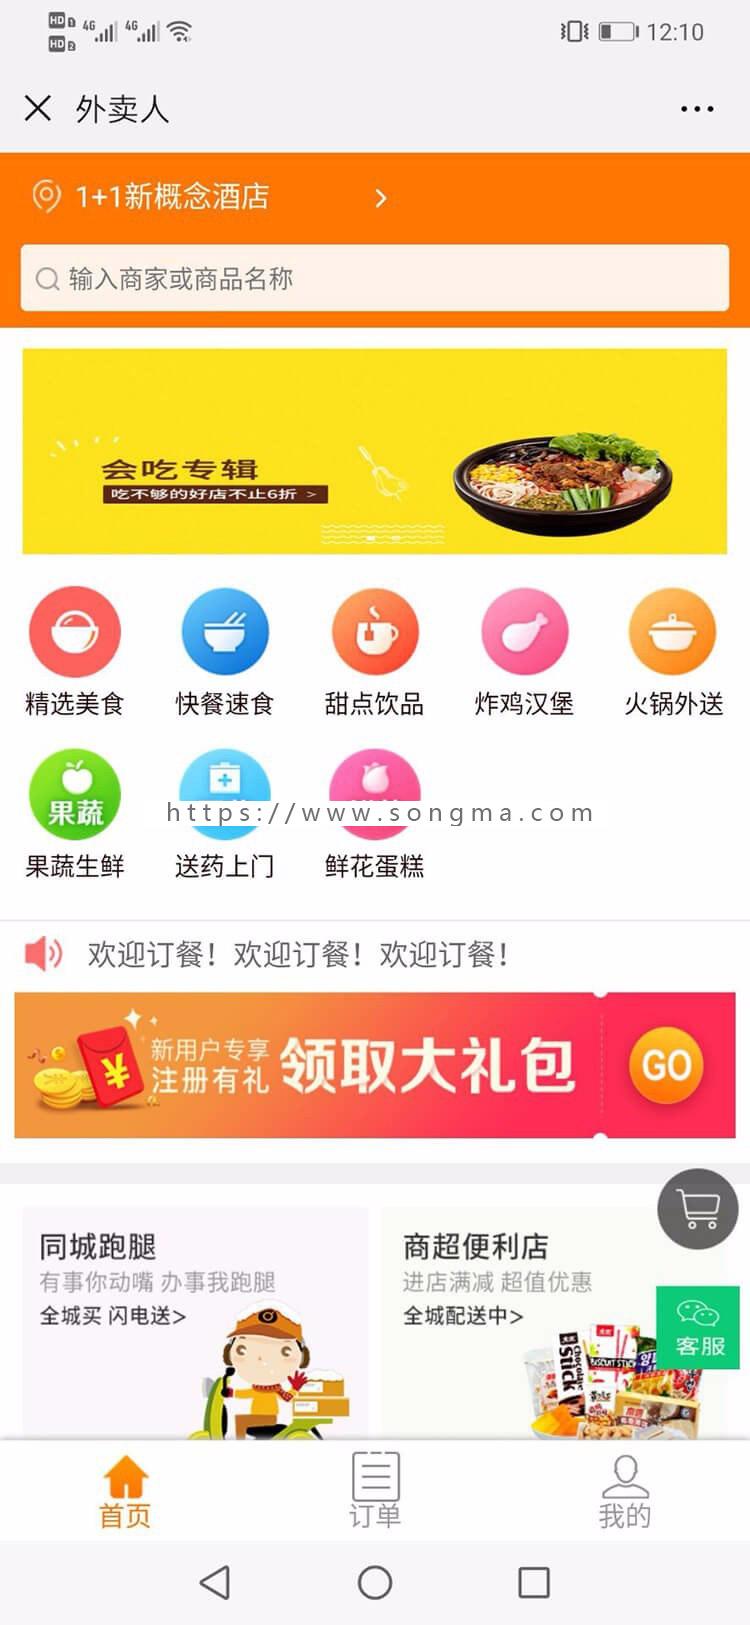 外卖人9.0源码外卖人源码点餐系统源码微信点餐源码修复